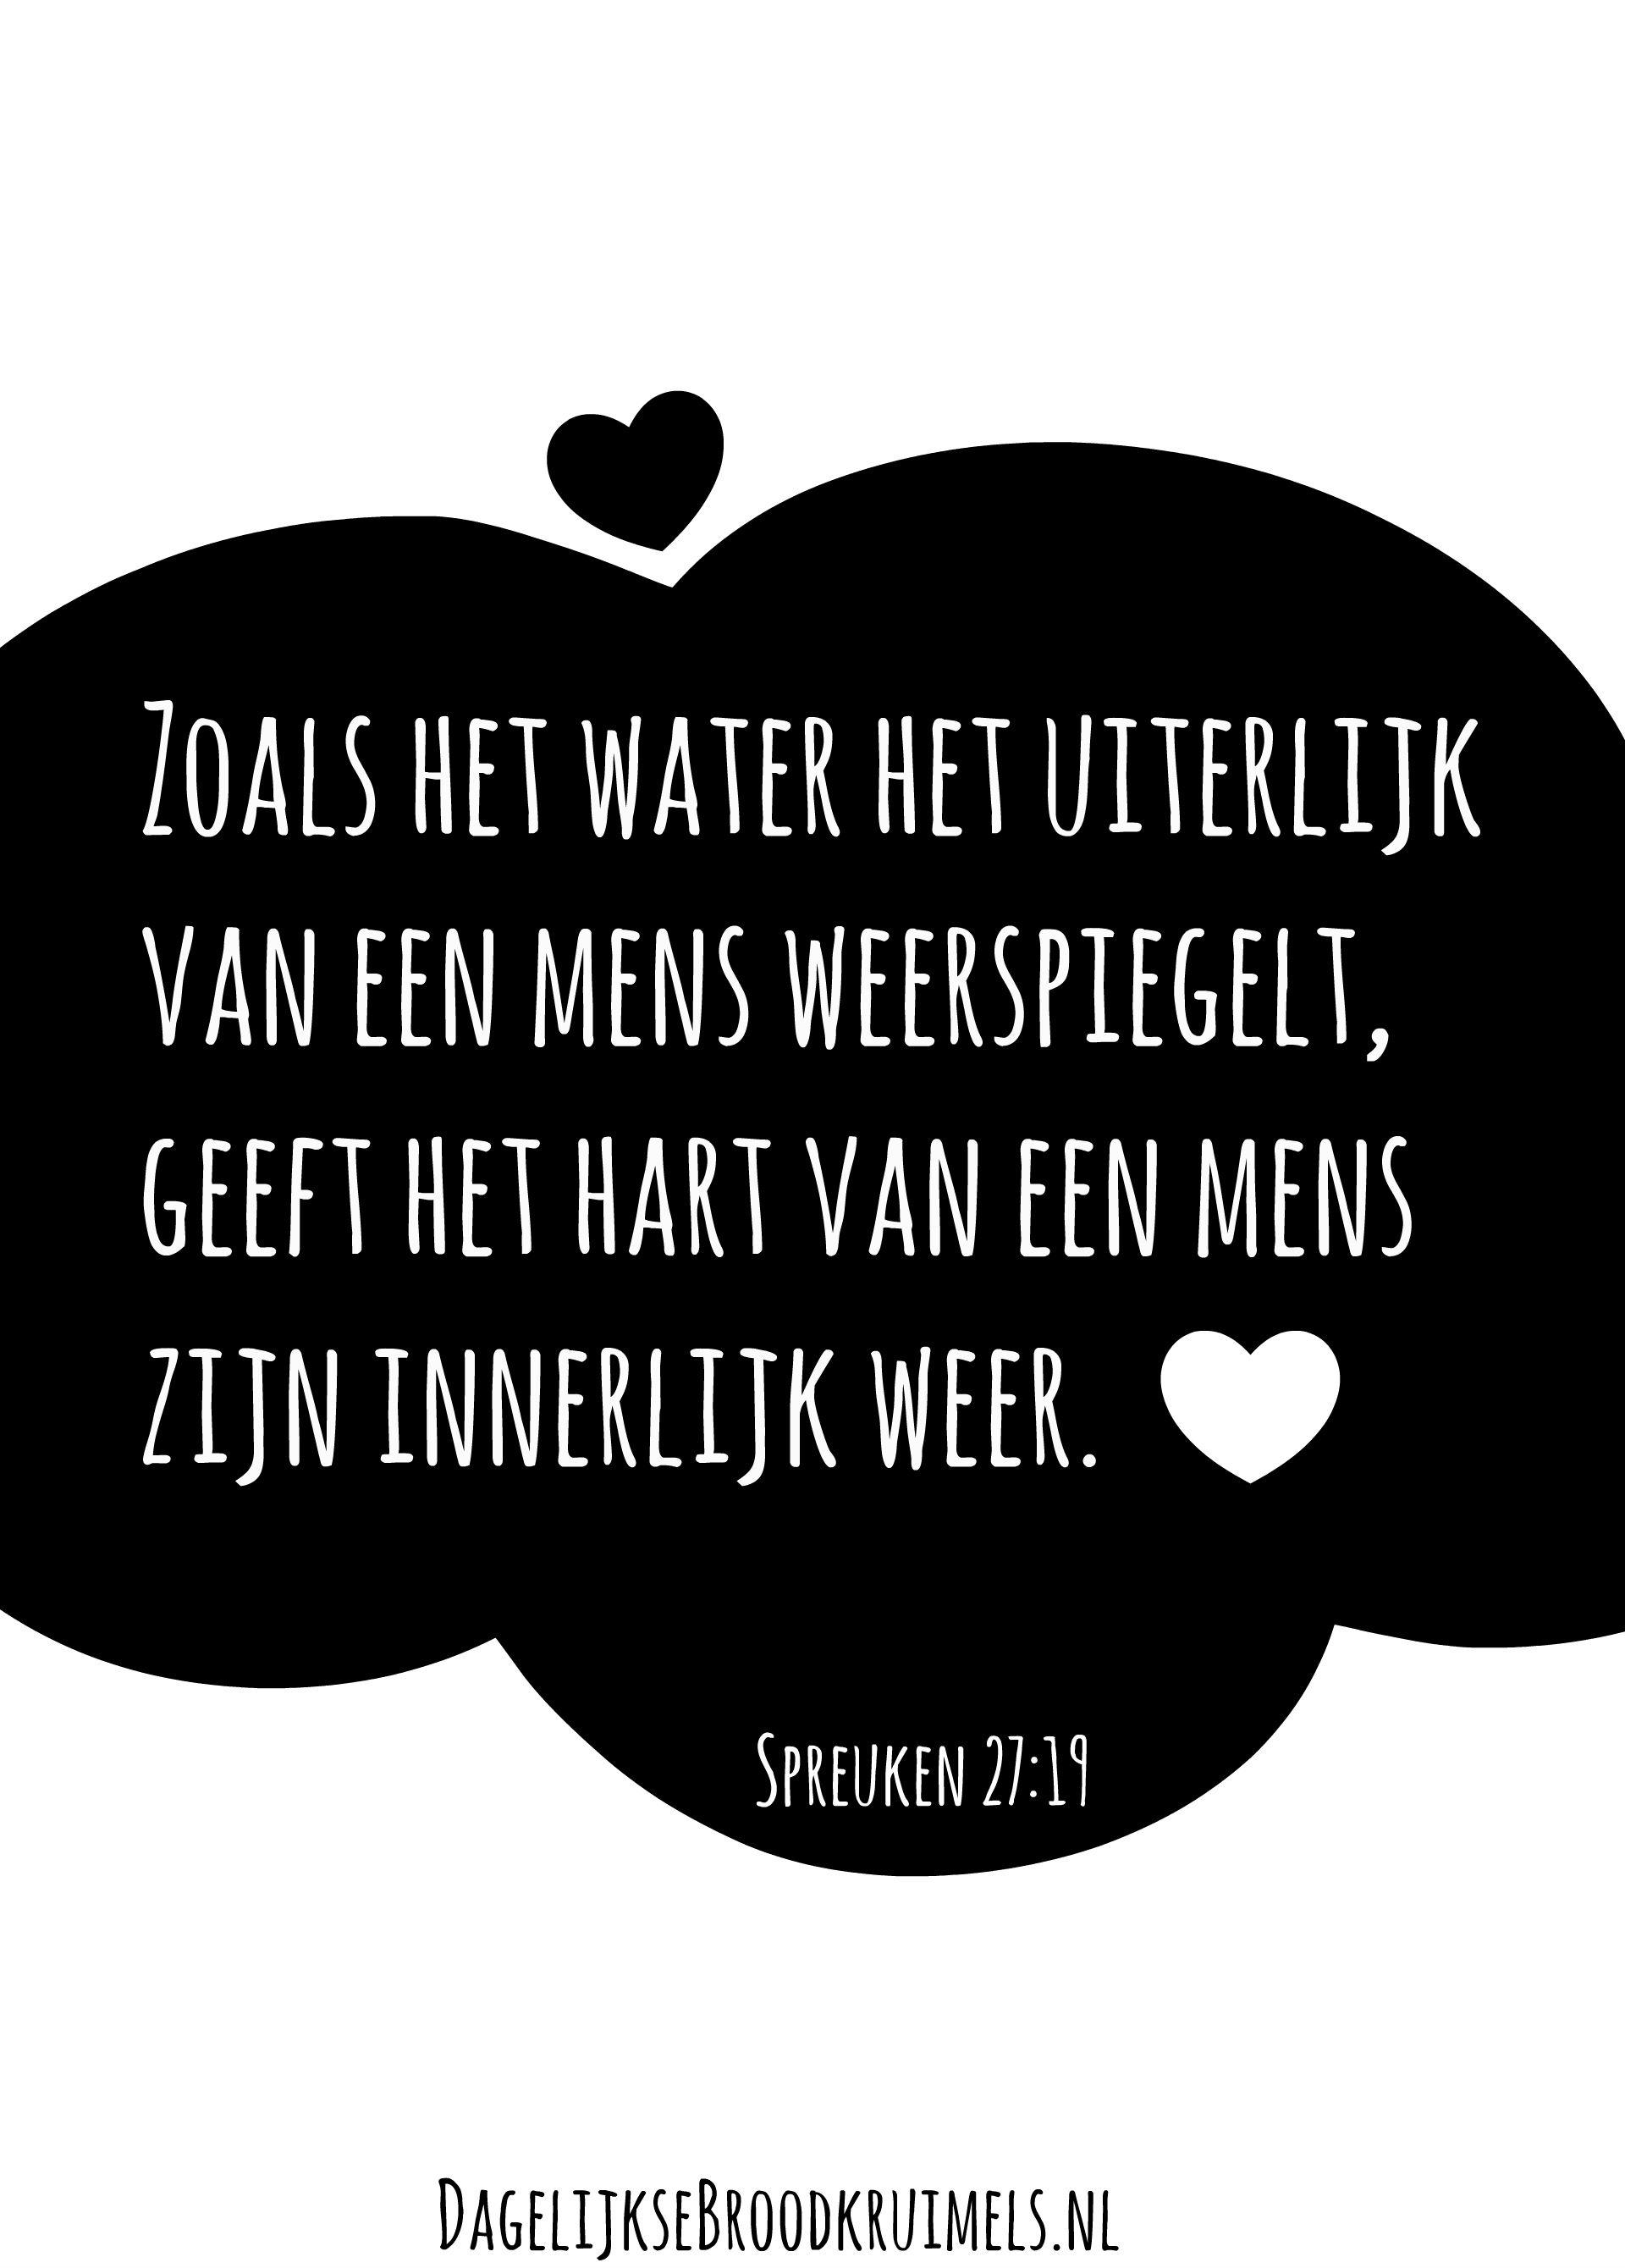 spreuken met water Spreuken 27:19 | Pinterest   Hart, Water en Weer spreuken met water